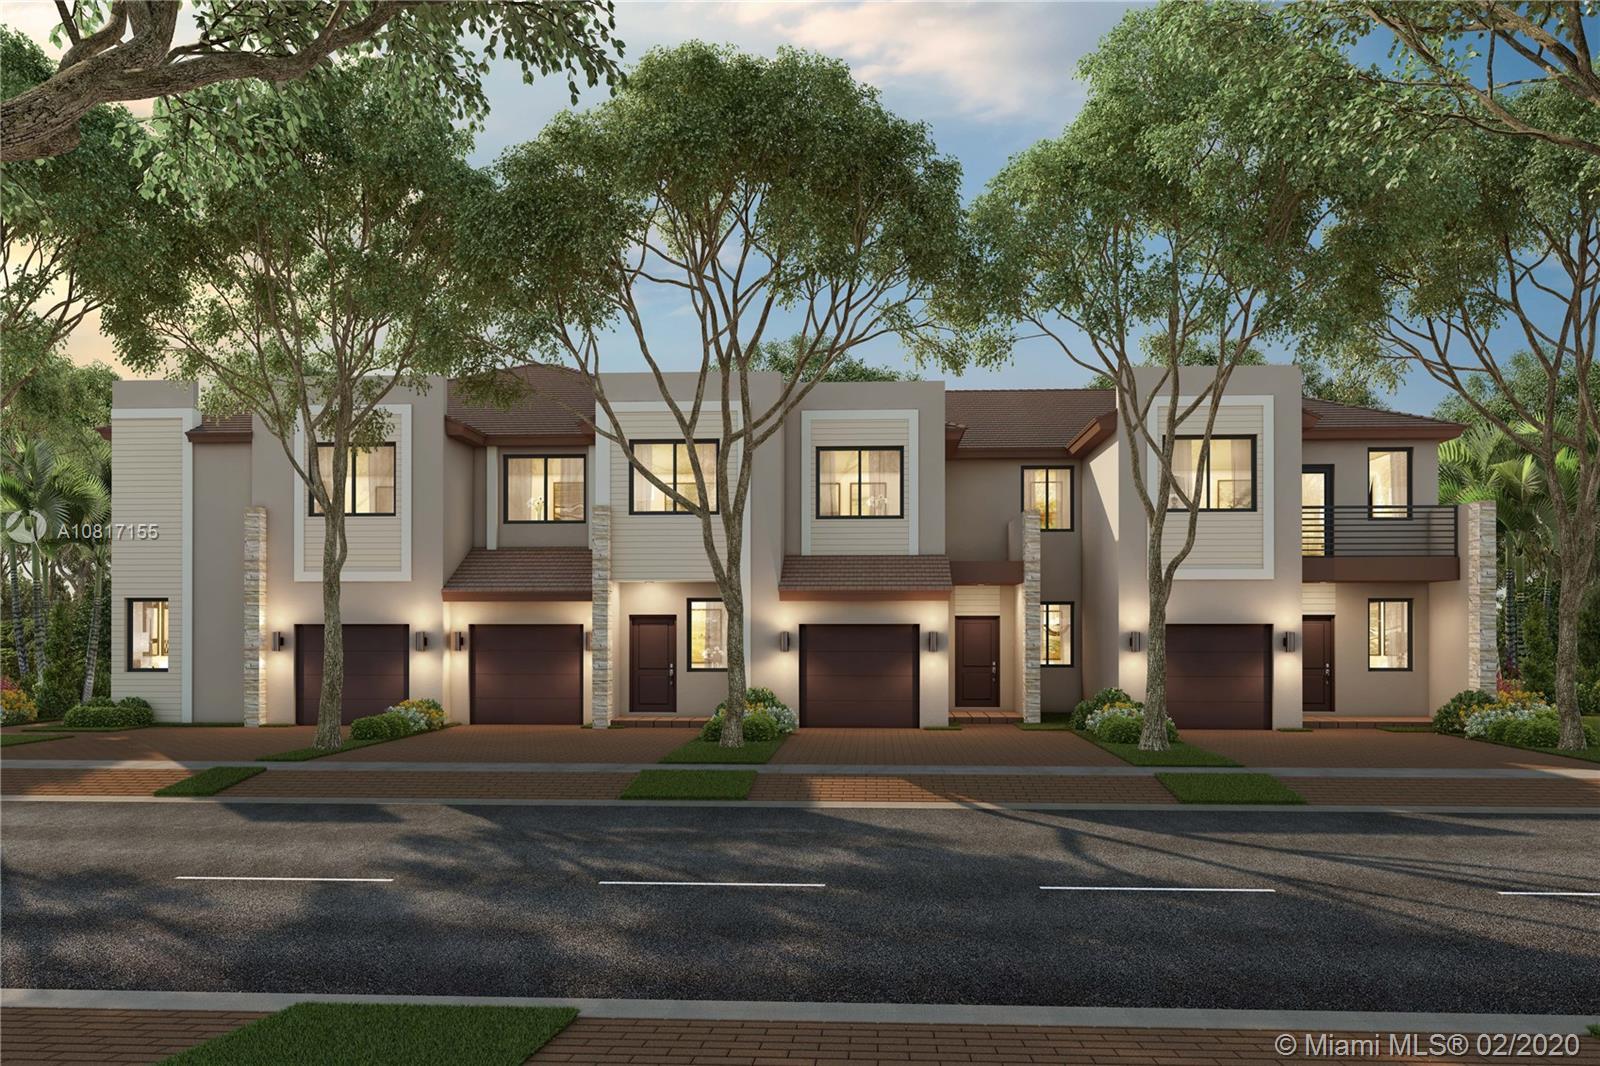 21316 NE 2 PL, Miami, FL 33179 - Miami, FL real estate listing